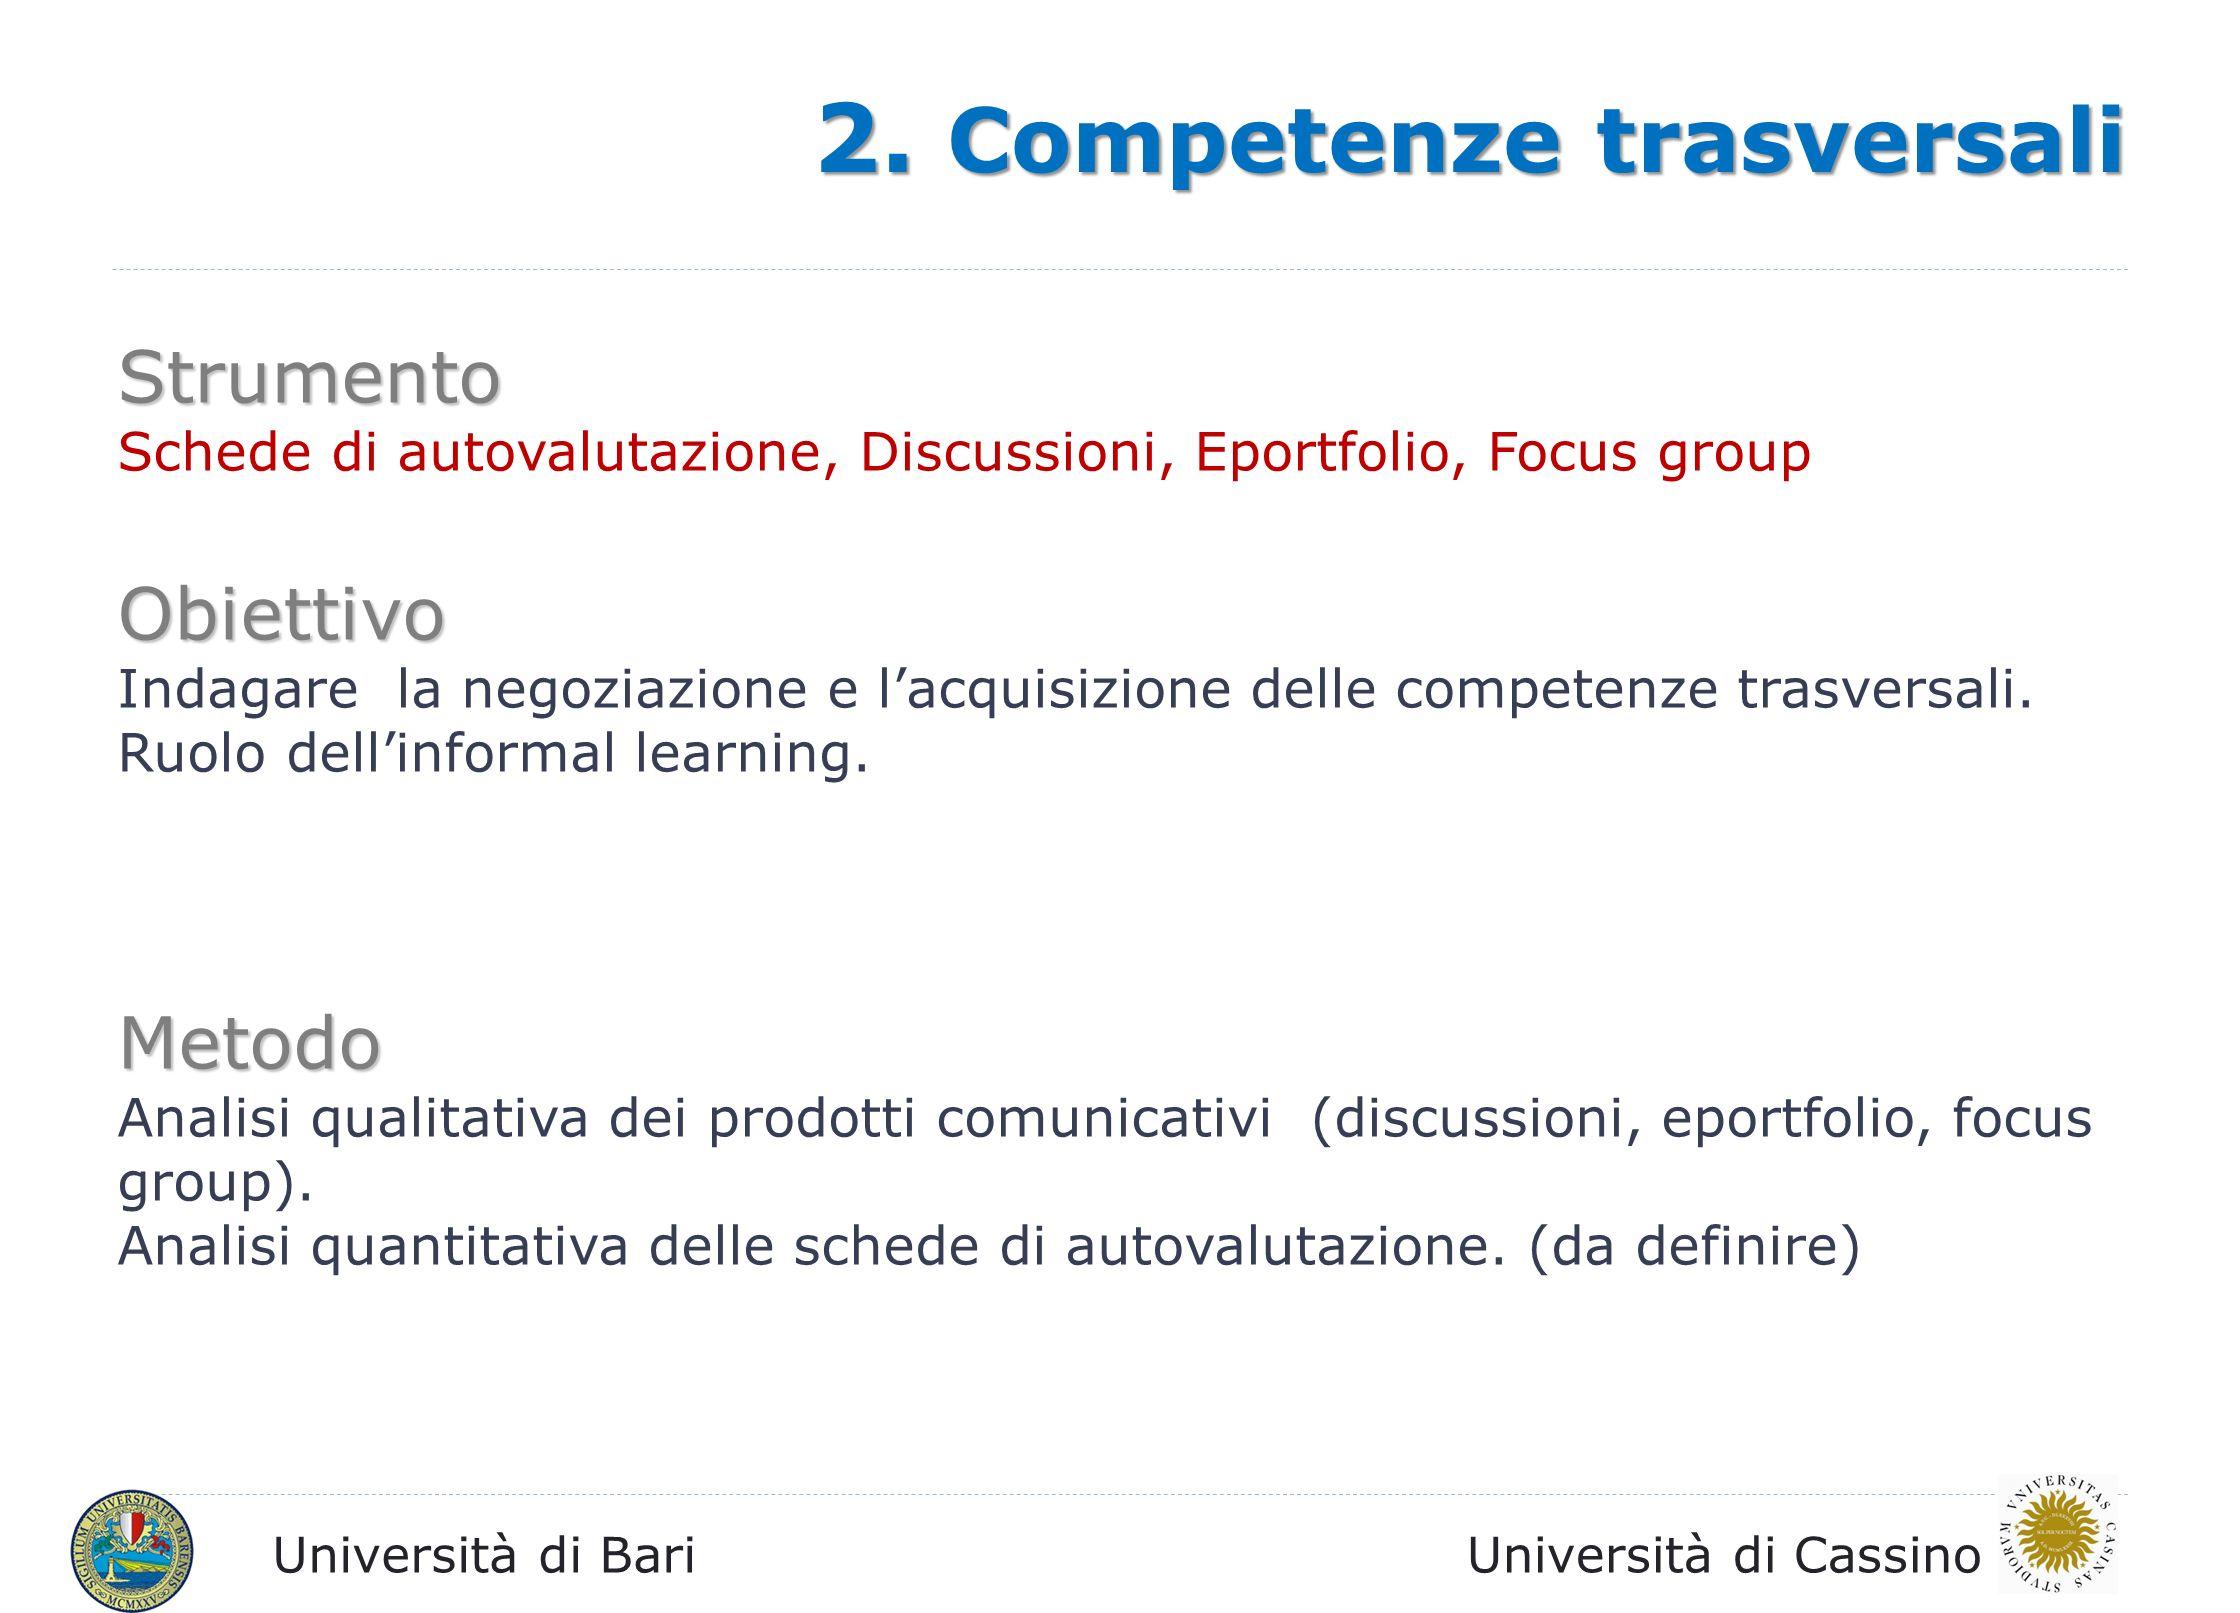 Università di BariUniversità di Cassino 2. Competenze trasversali Strumento Schede di autovalutazione, Discussioni, Eportfolio, Focus group Obiettivo